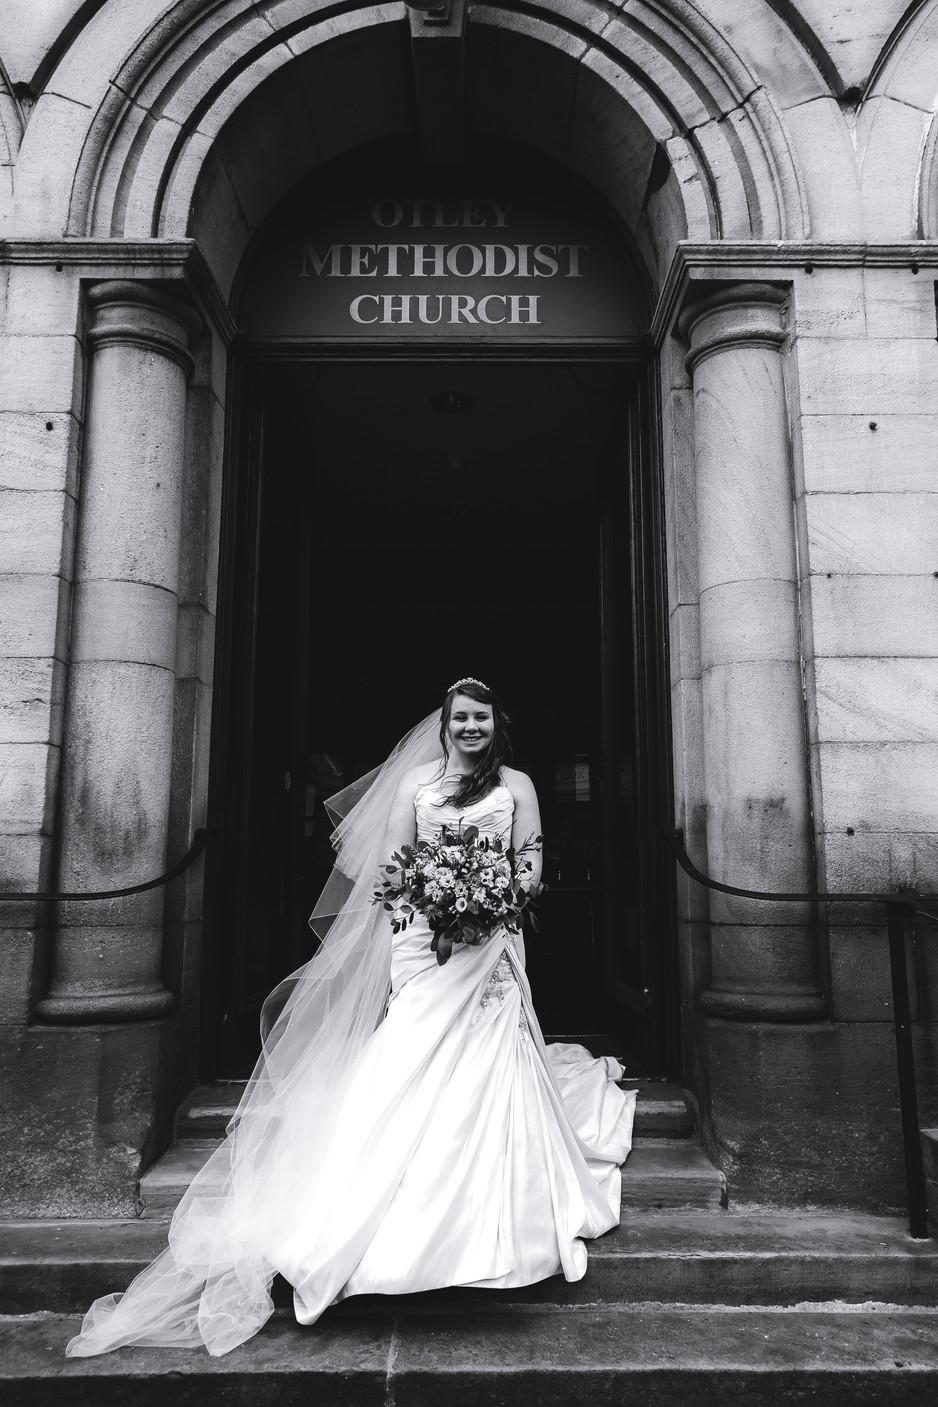 Wedding Photography Otley Methodist